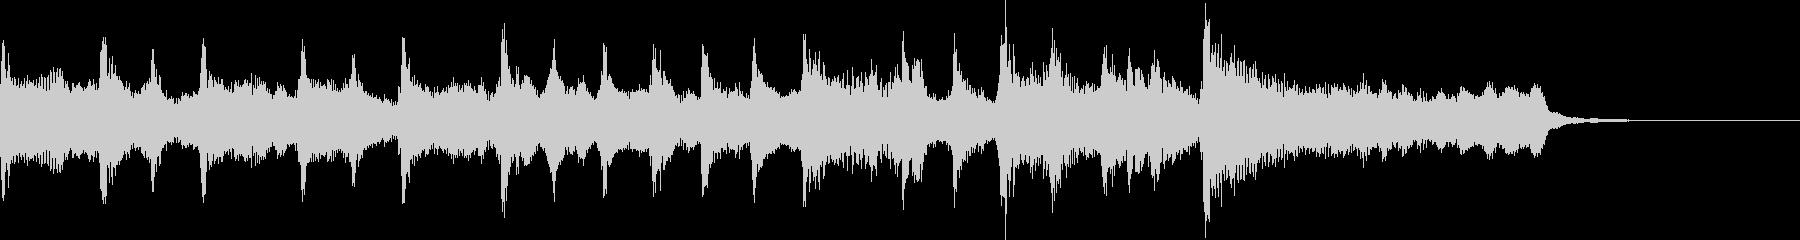 【ジングル】チャンネル登録・穏やかな曲の未再生の波形